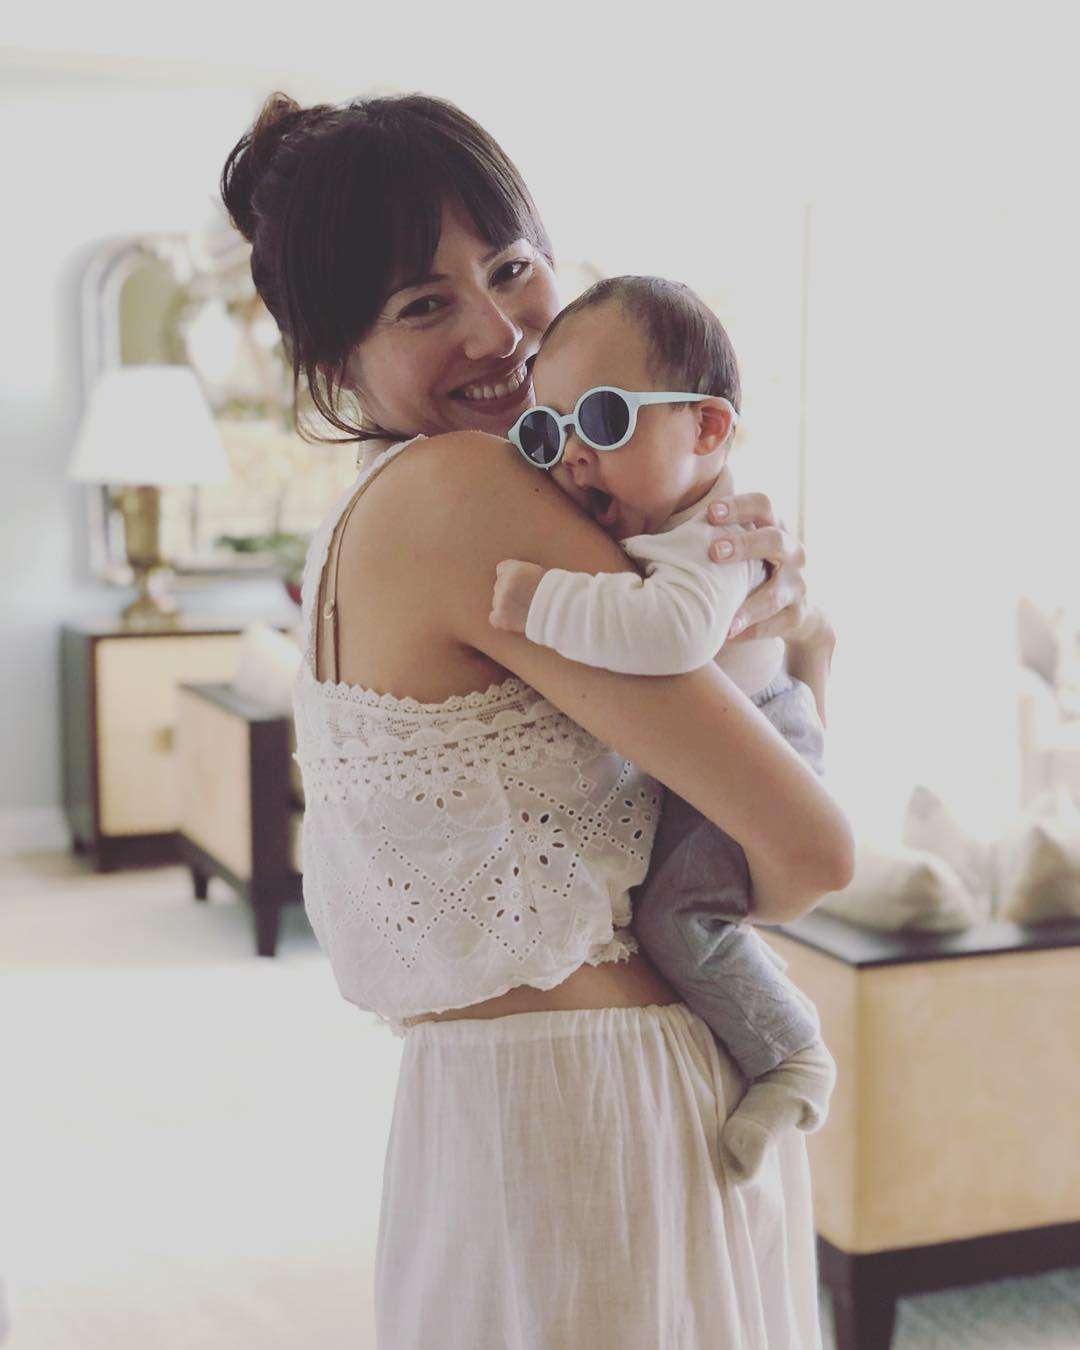 ママになってもセクシー 道端ジェシカが赤ちゃんを抱いてインスタに登場